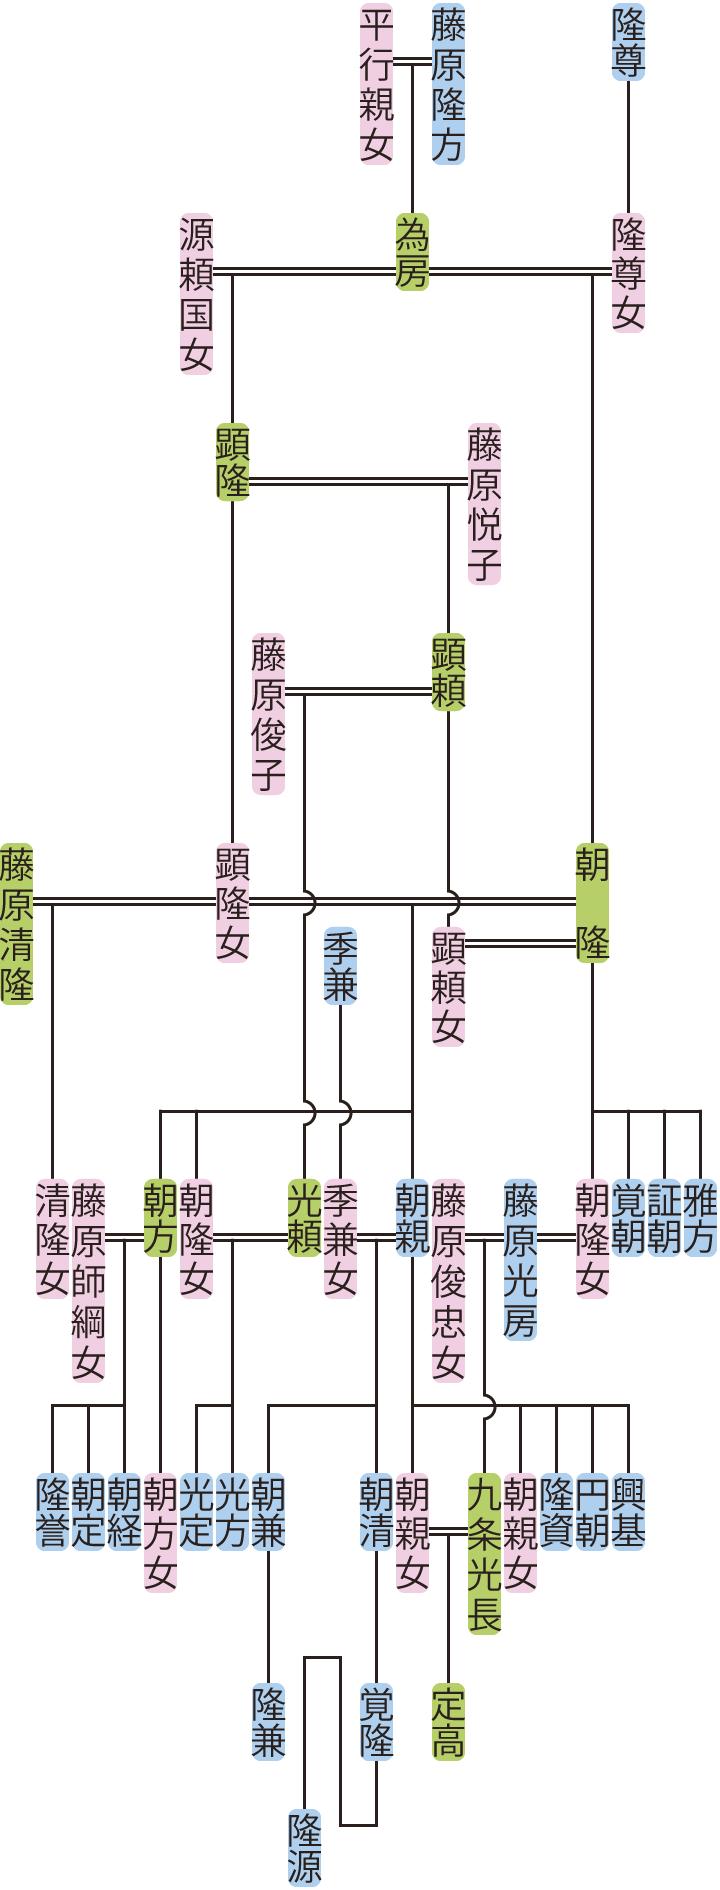 藤原朝隆の系図